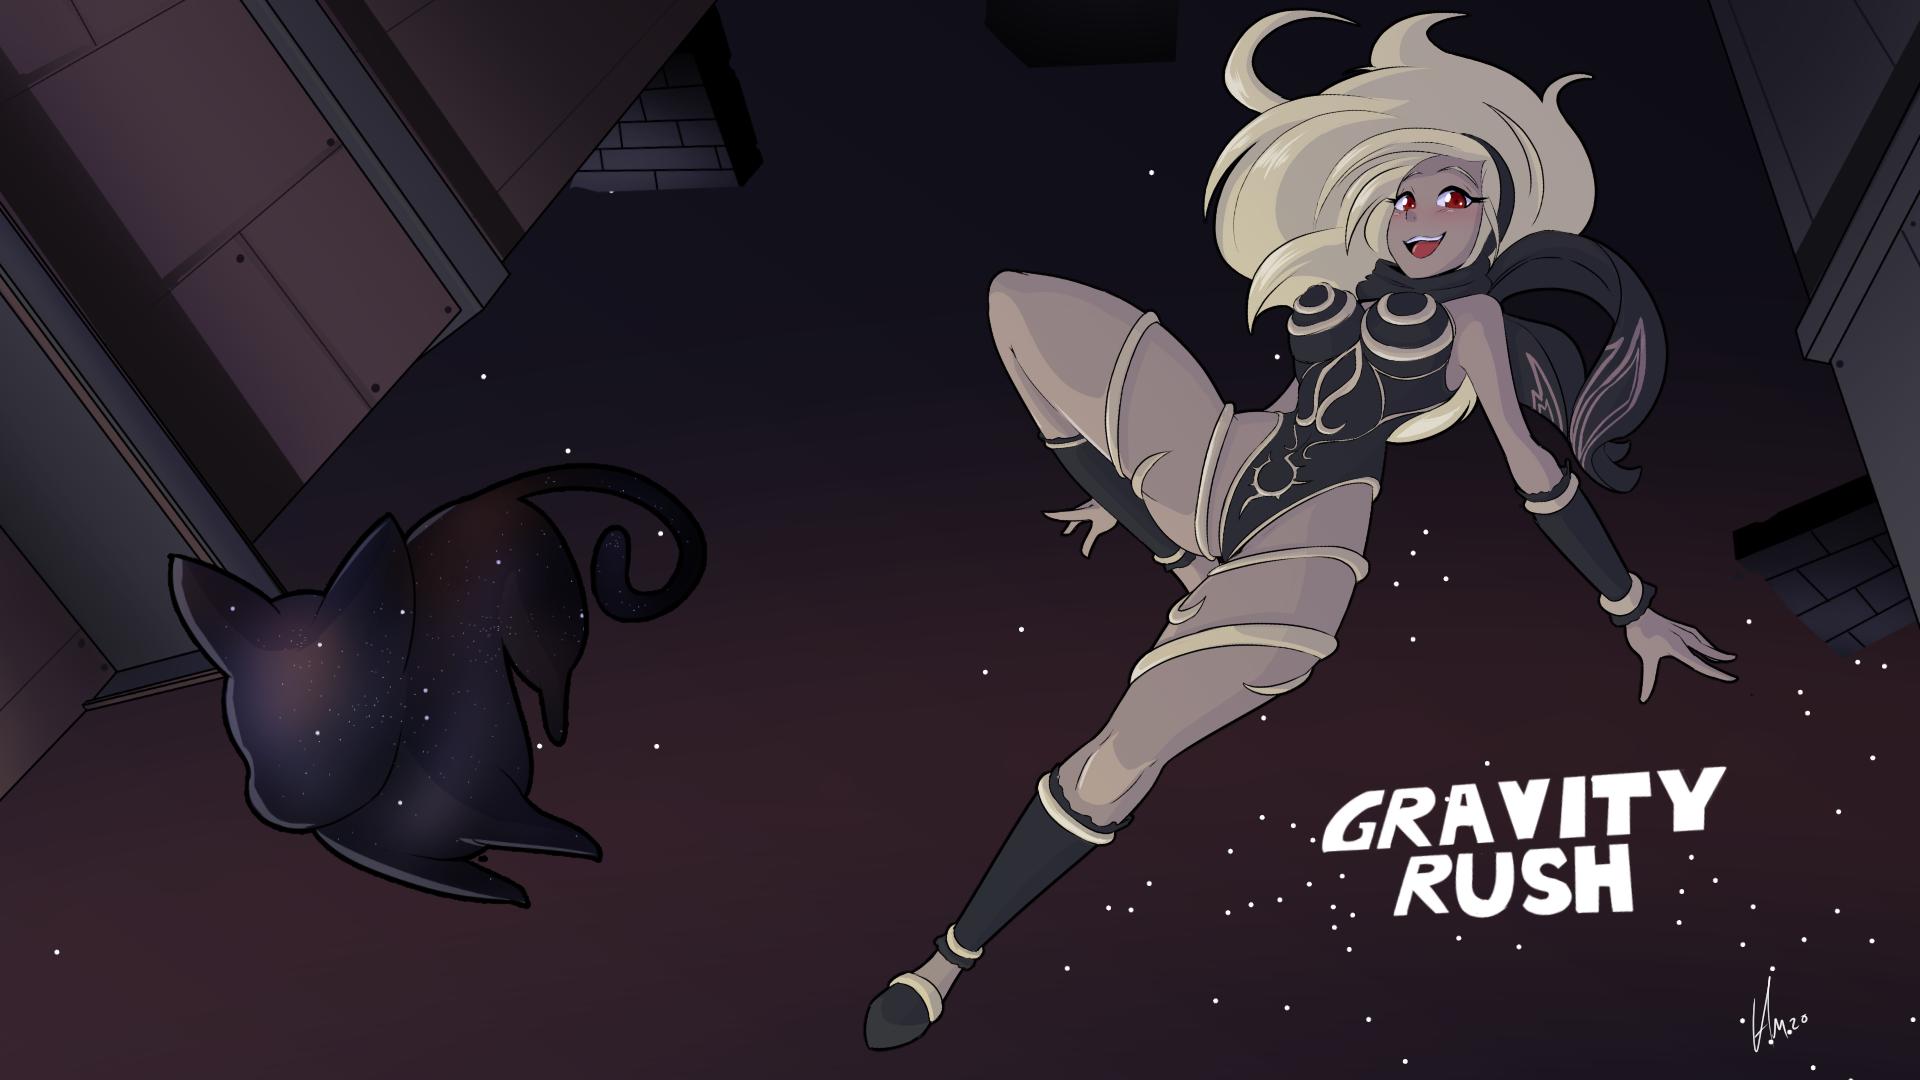 Gravity Rush Wallpaper